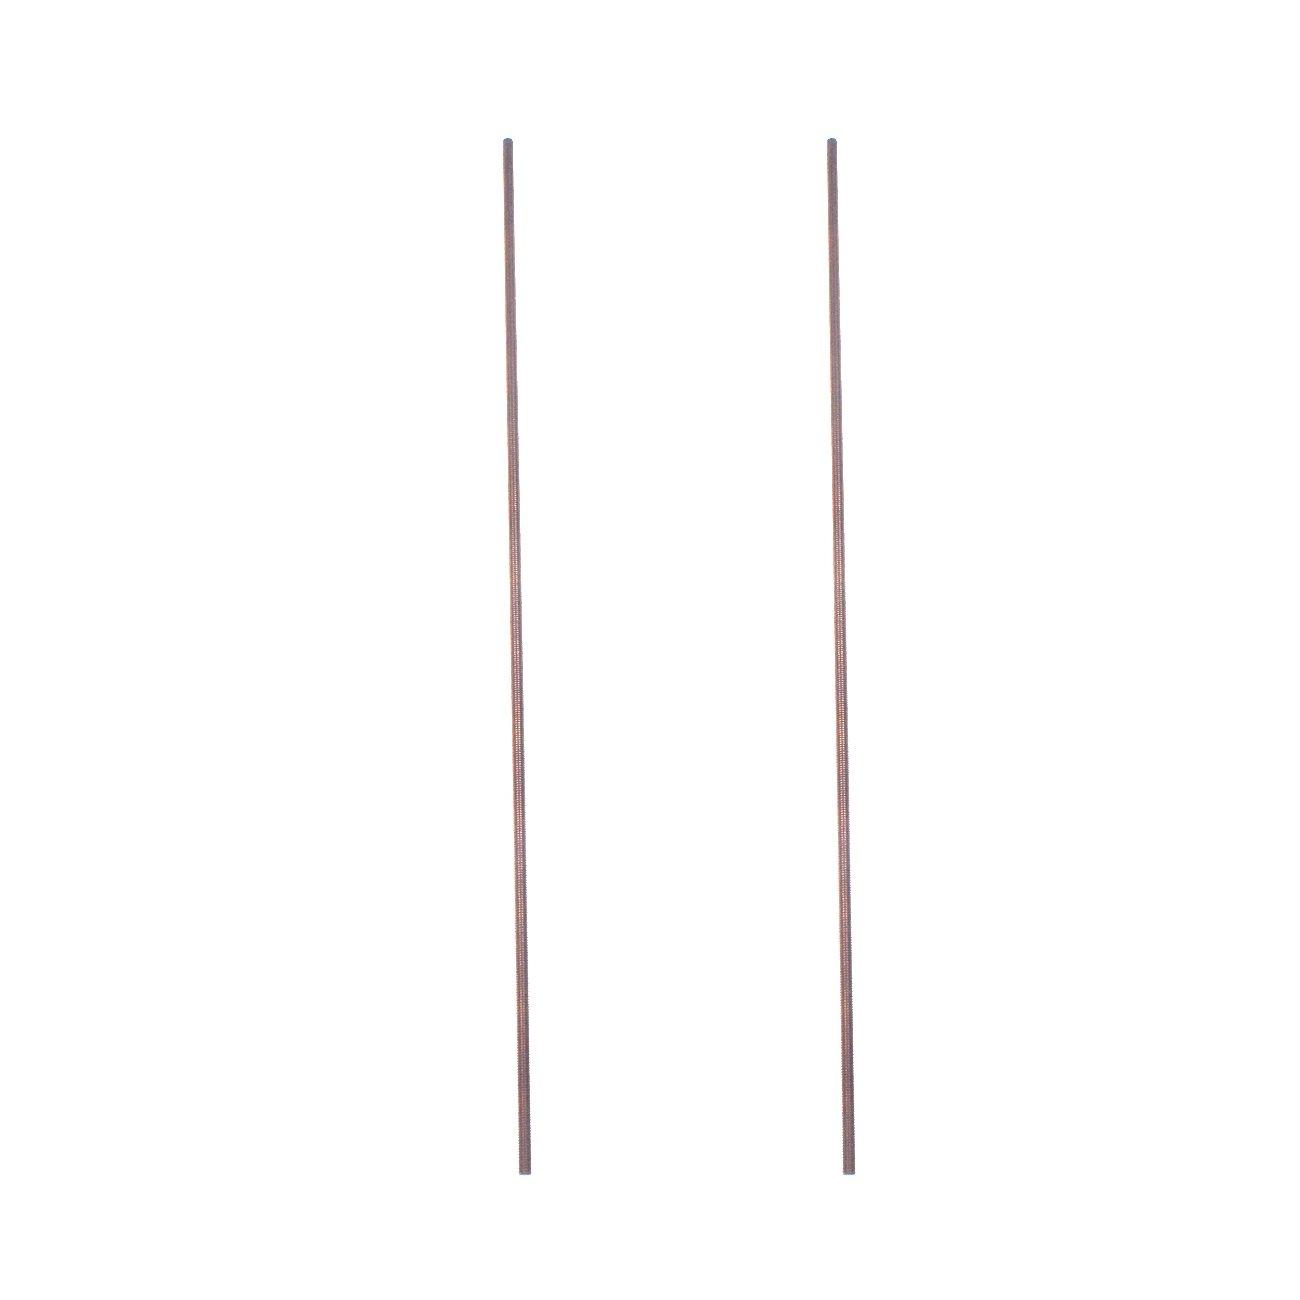 2Pcs Brass Thread Rod Screw Full-Threaded M3250mm Brand New NORTHTIGER